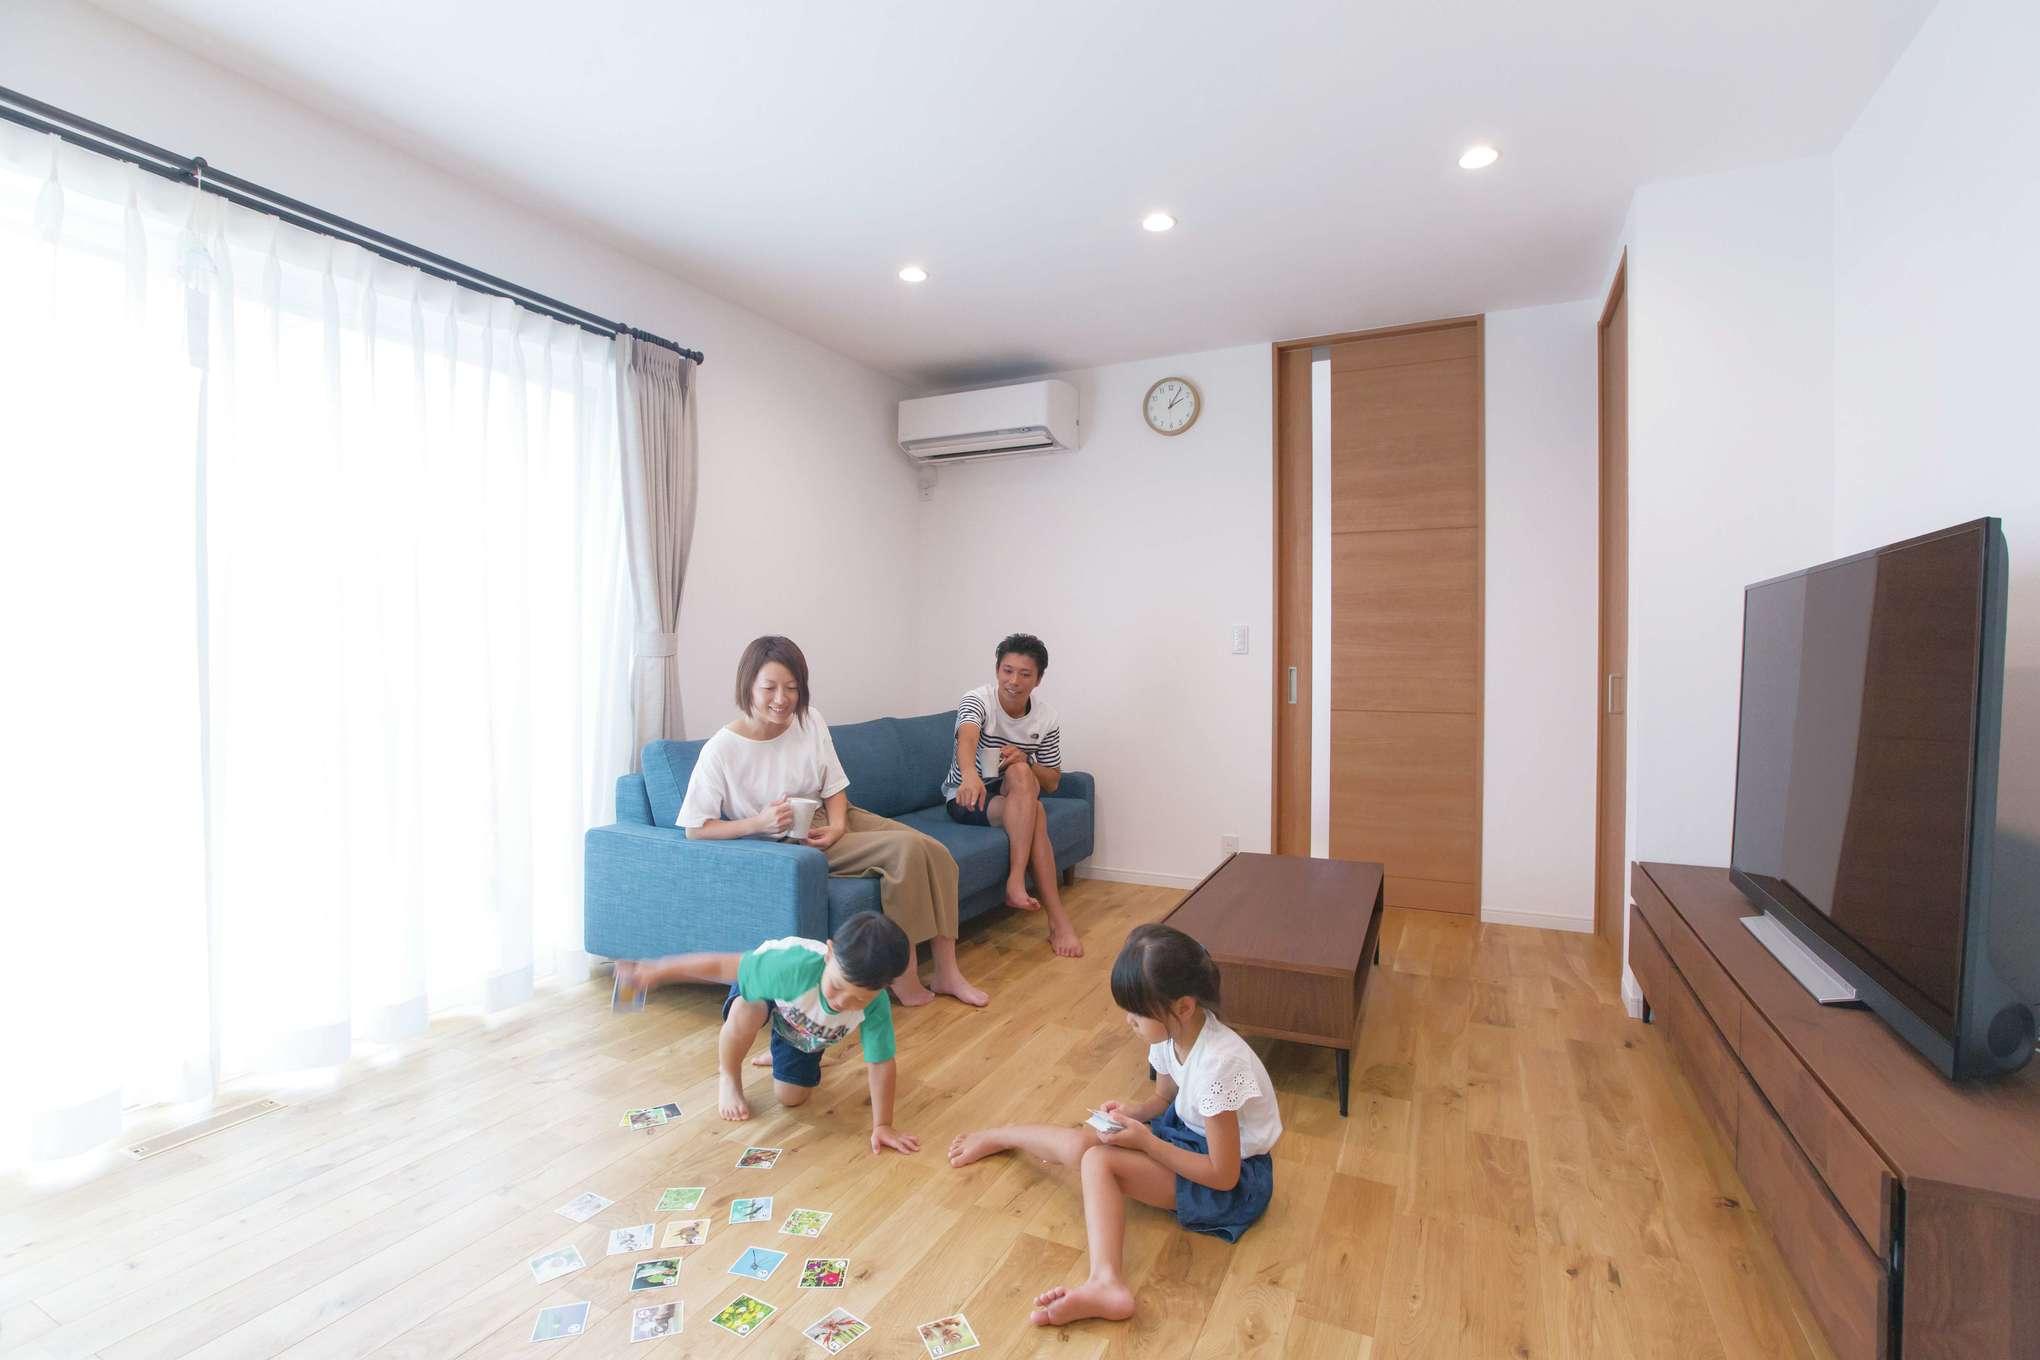 無垢と漆喰を用いた自然素材のLDKは、体にやさしく温かみのある空間。いつも家族が集まって楽しい団らんのときを過ごすのが日課。オークの床はご主人のこだわり